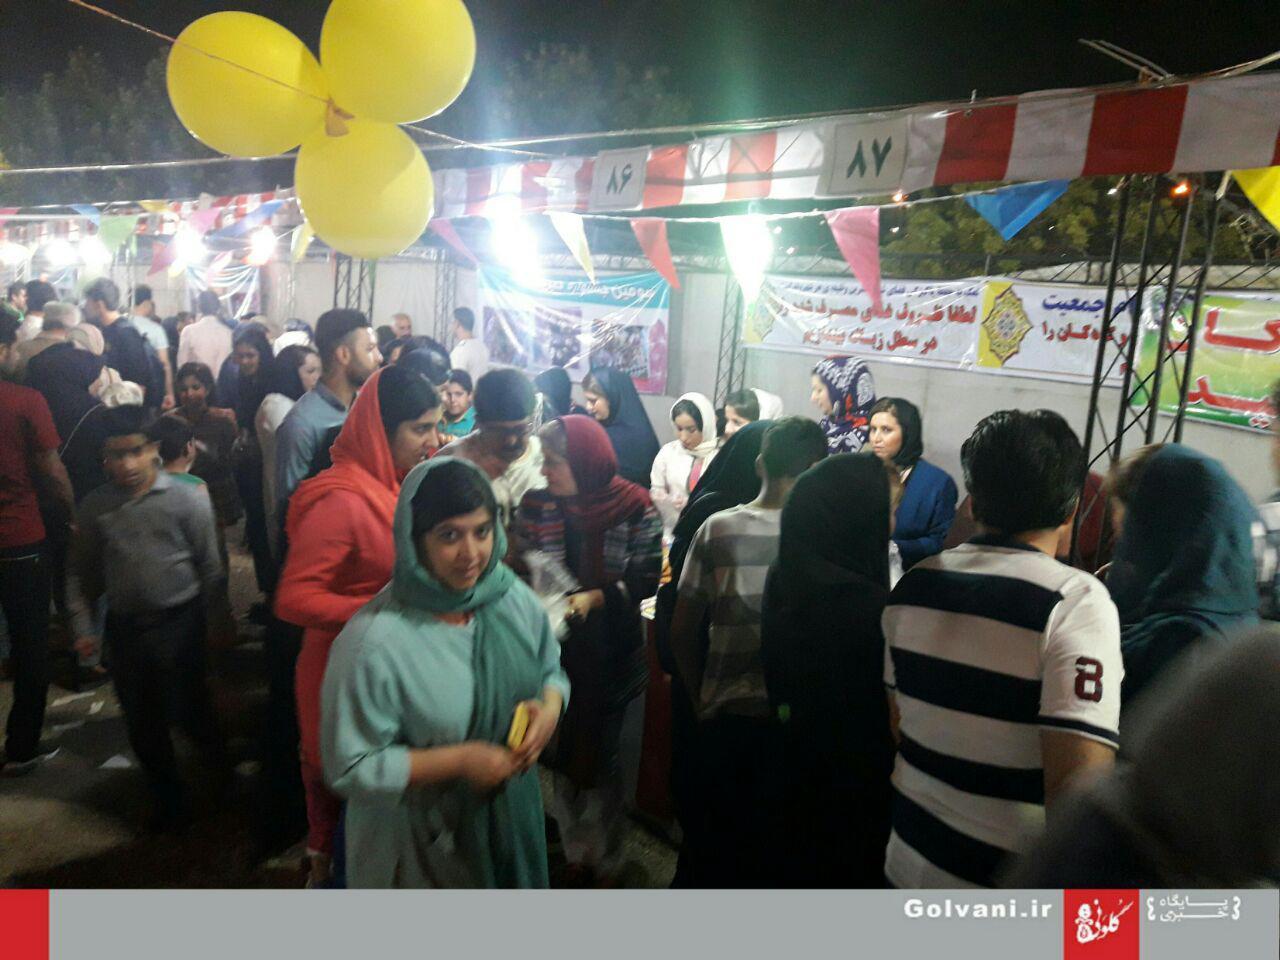 جشنواره خیریه غذا در خرمآباد برگزار شد + عکس